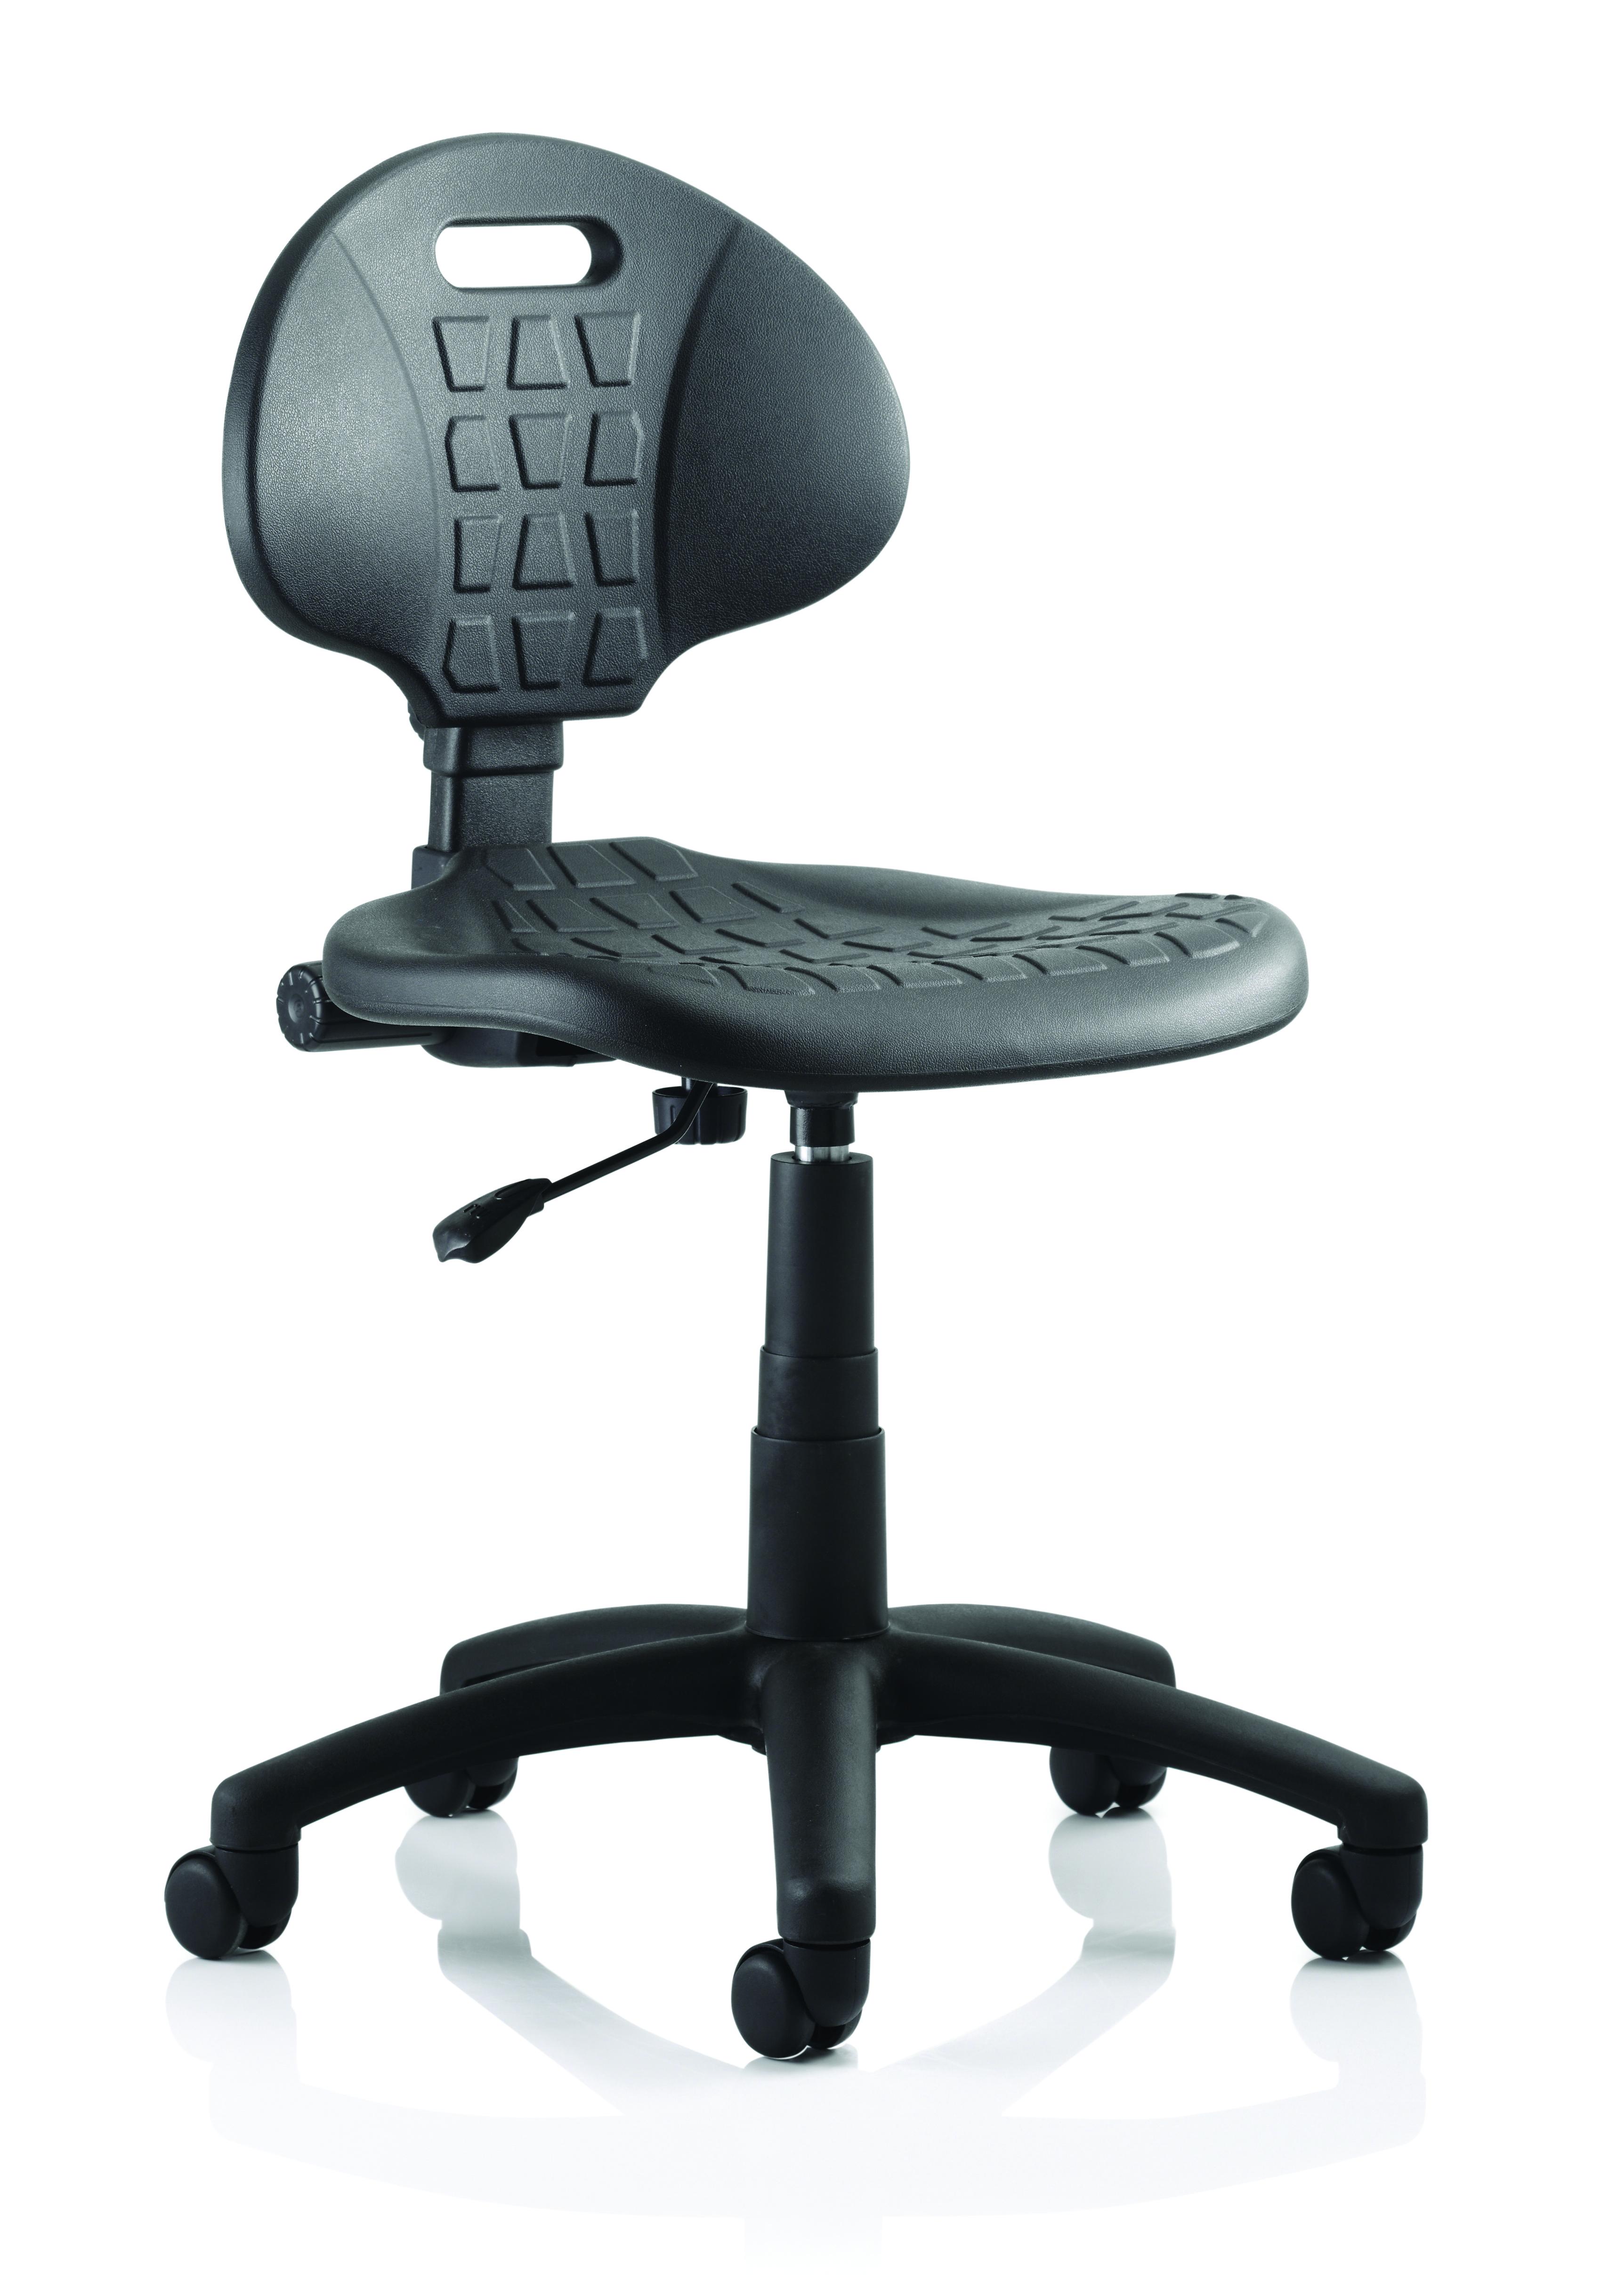 Desk Chairs Malaga Wipe Clean Chair Black OP000088